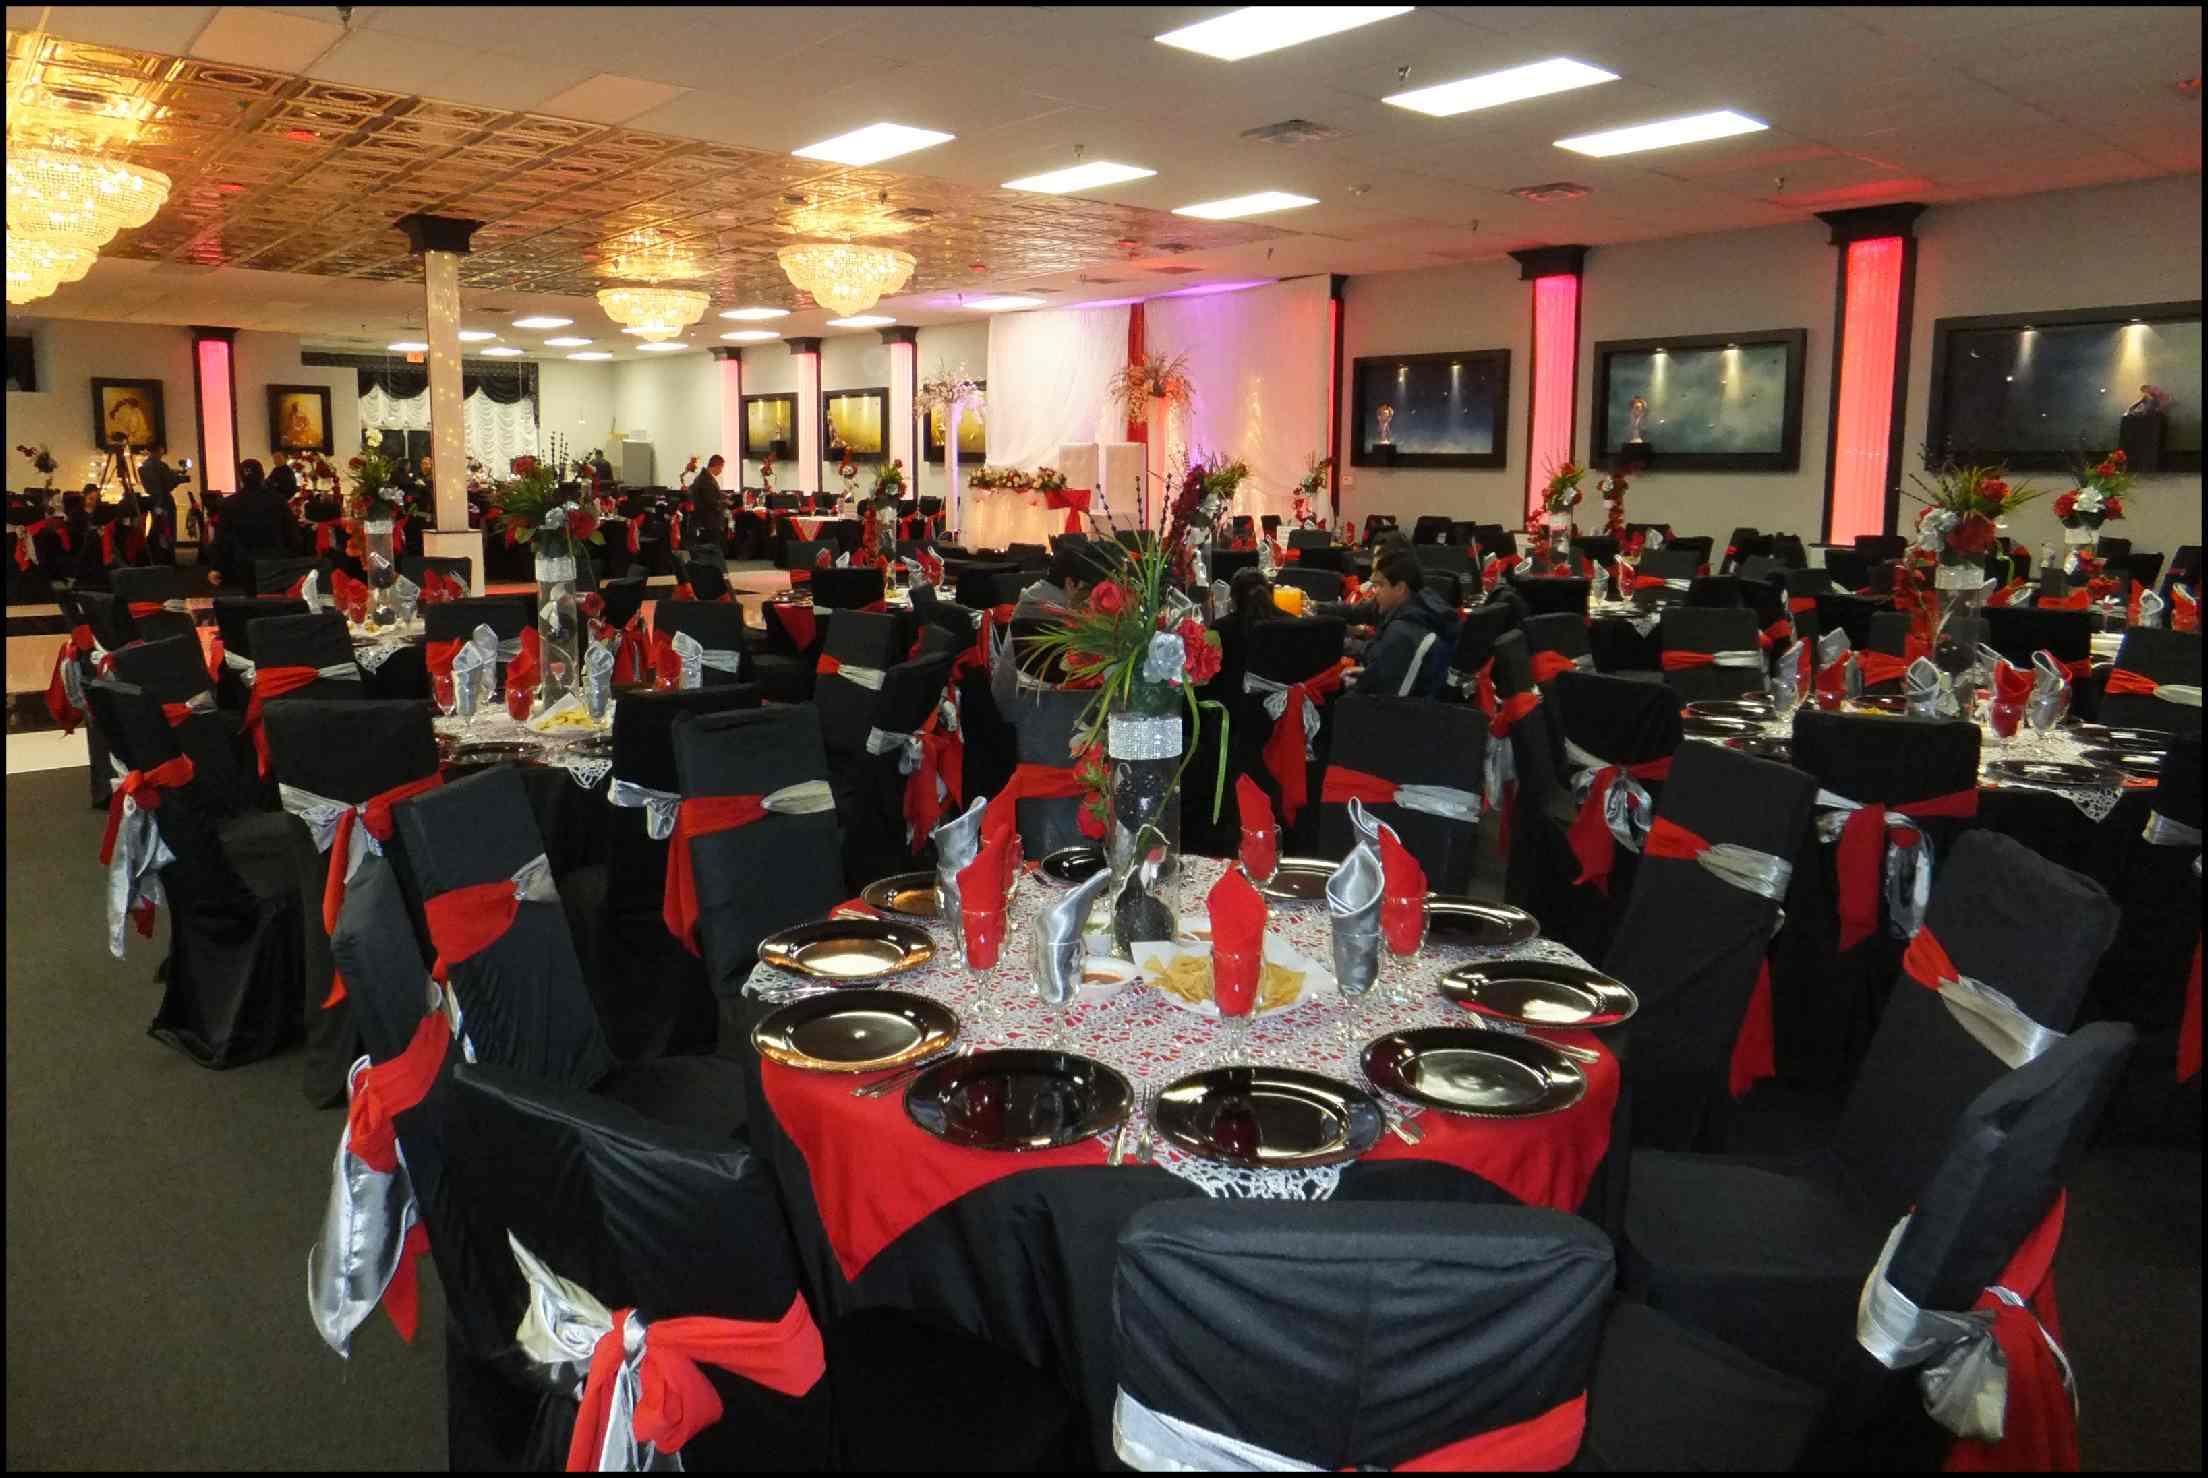 Las Hadas Ballroom